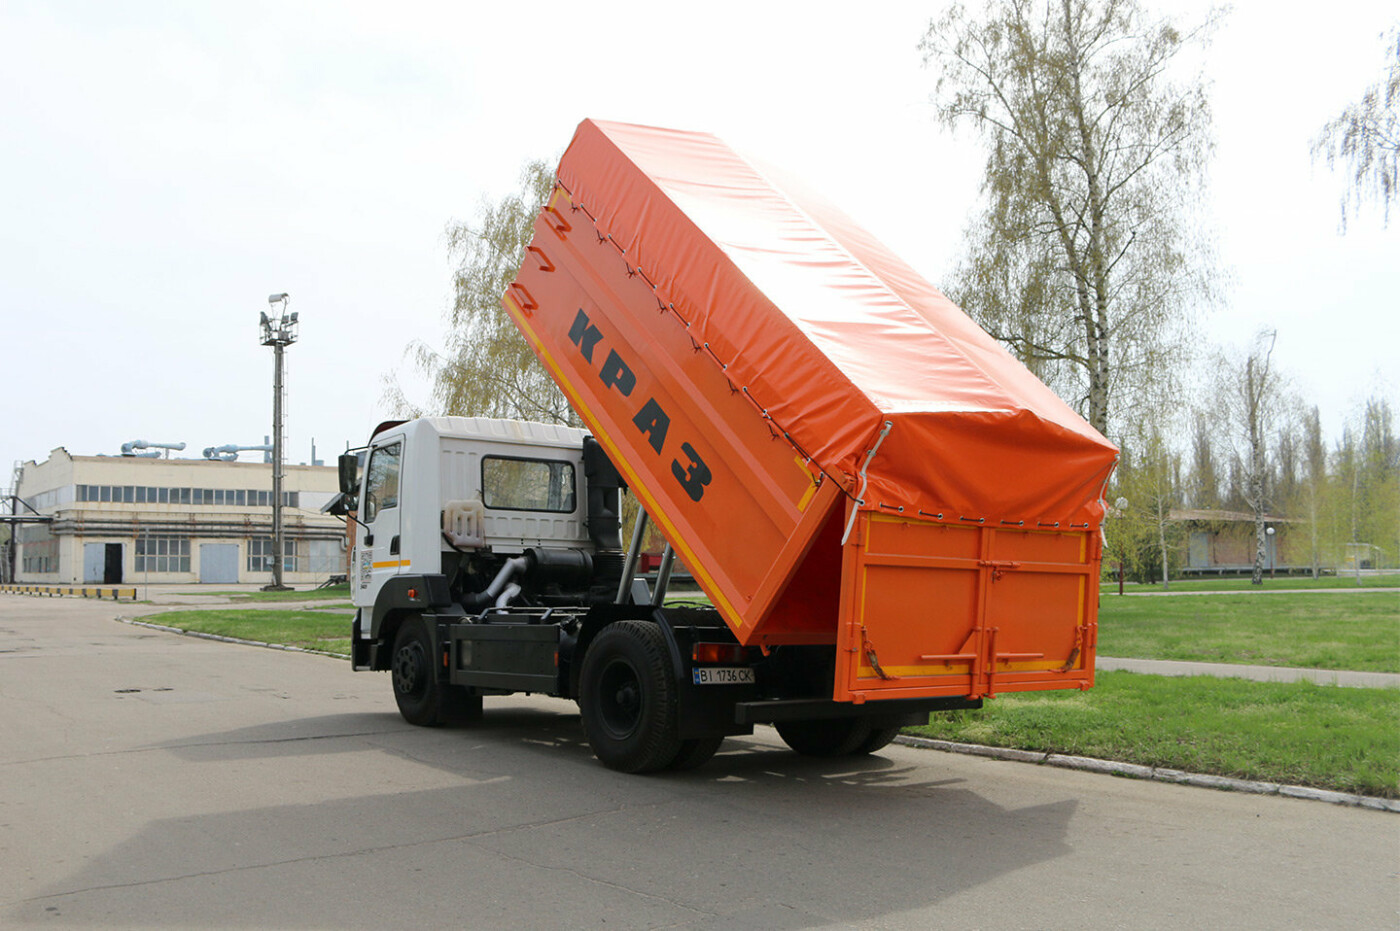 Нужен зерновоз производства КрАЗ? Часть его стоимости будет оплачена из госбюджета, фото-3